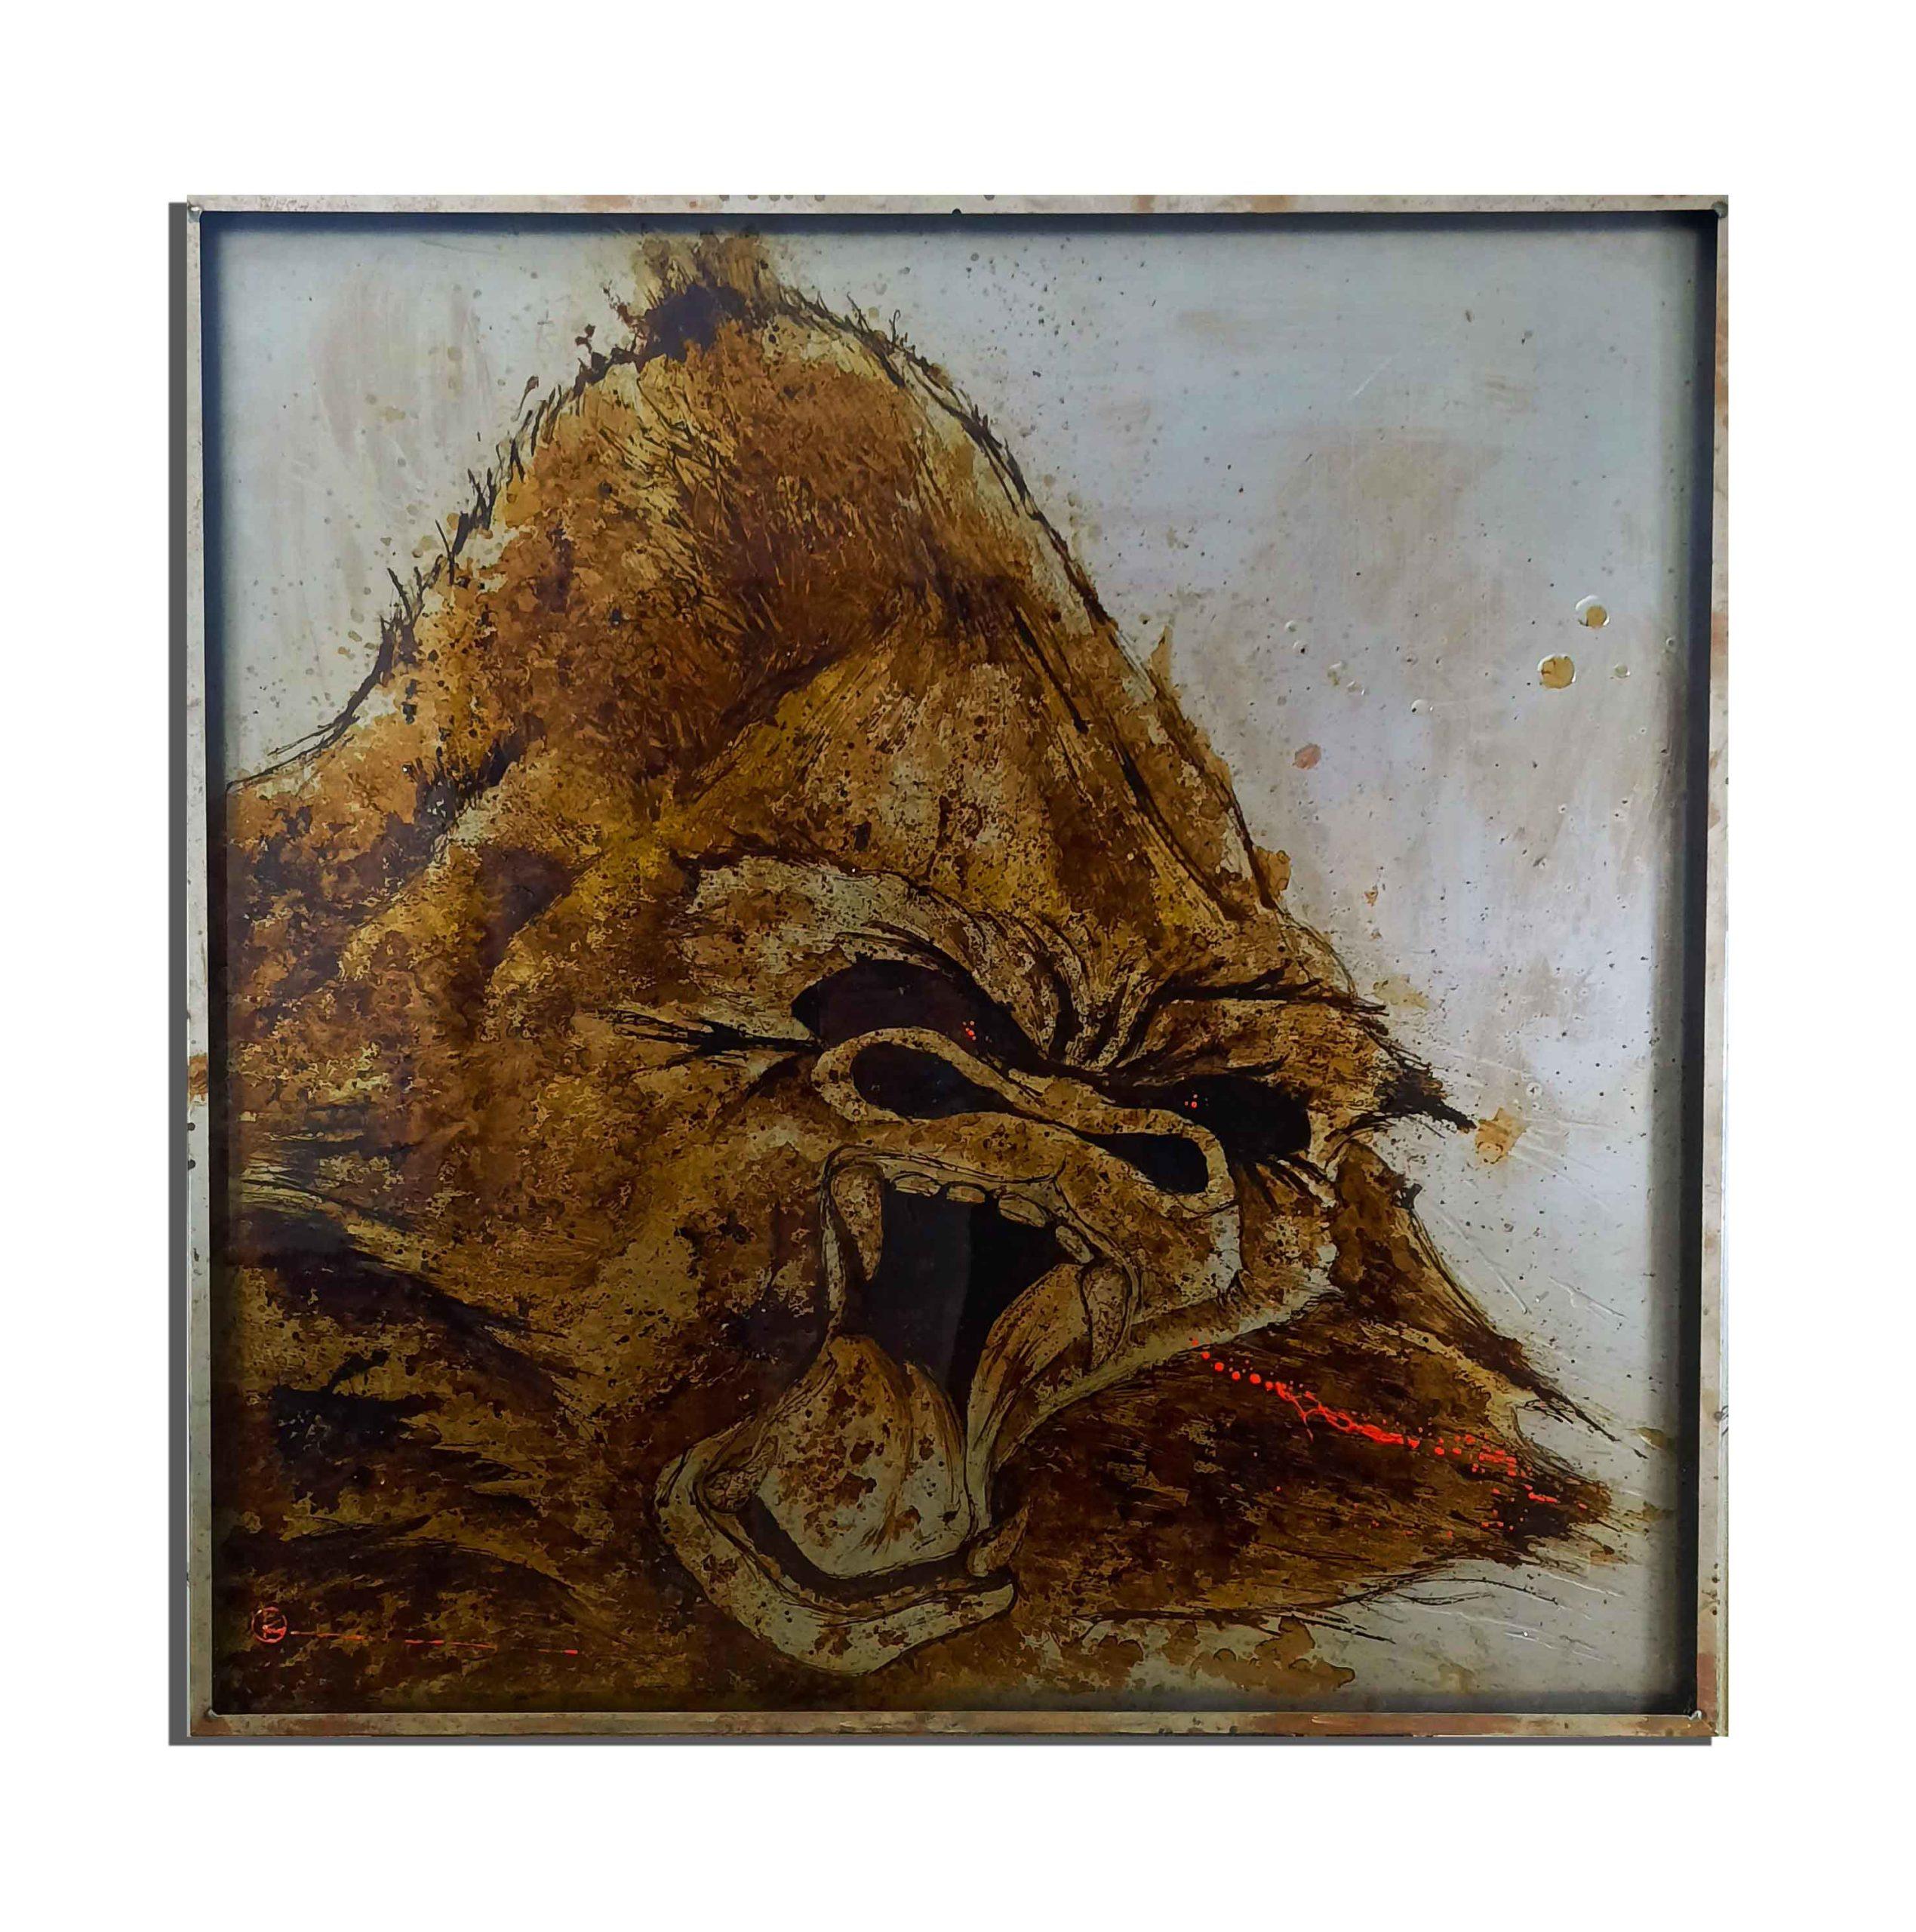 Gorille de rouille fait avec du vinaigre et de l'eau du golfe du Lion (France) - projet Water Is Life, Christophe Monteil, Art 4 Nature